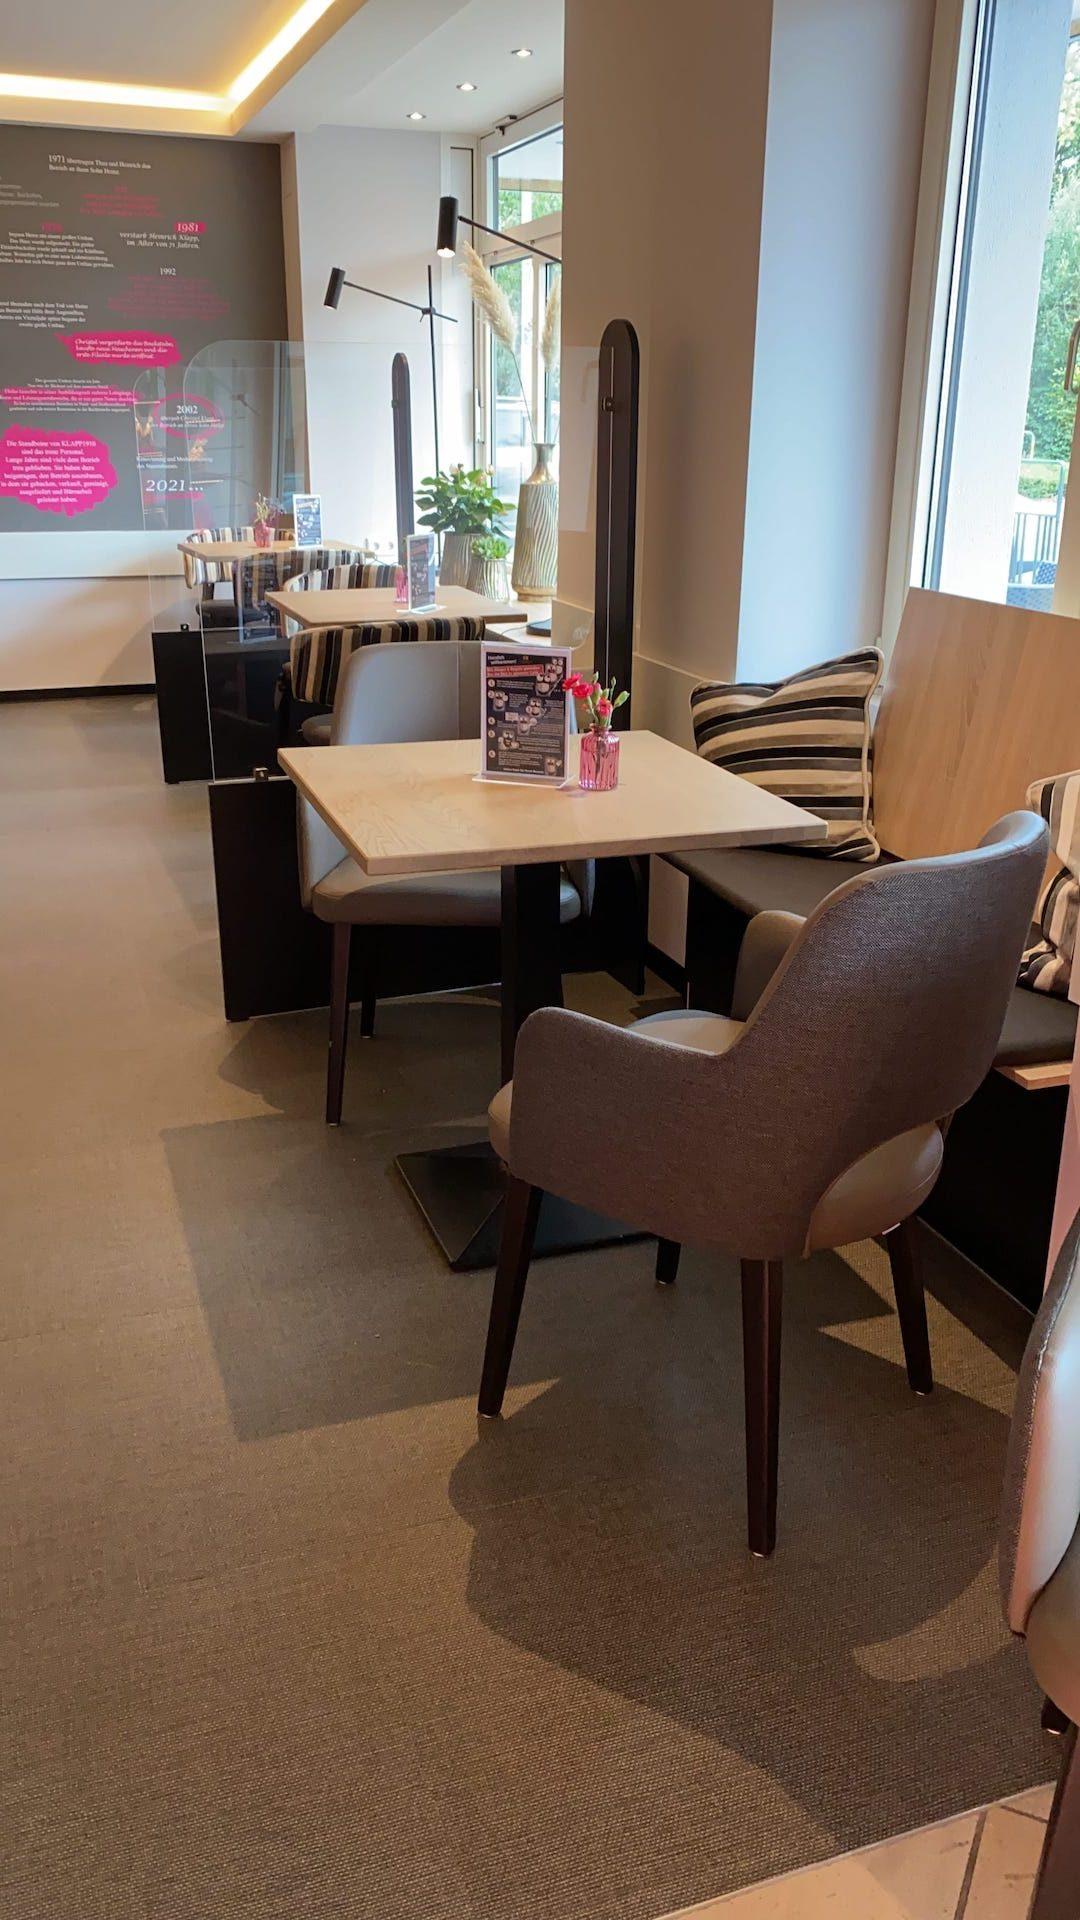 klapp1910 umbau 00011 - KLAPP1910 Stammhaus im neuen Design wiedereröffnet